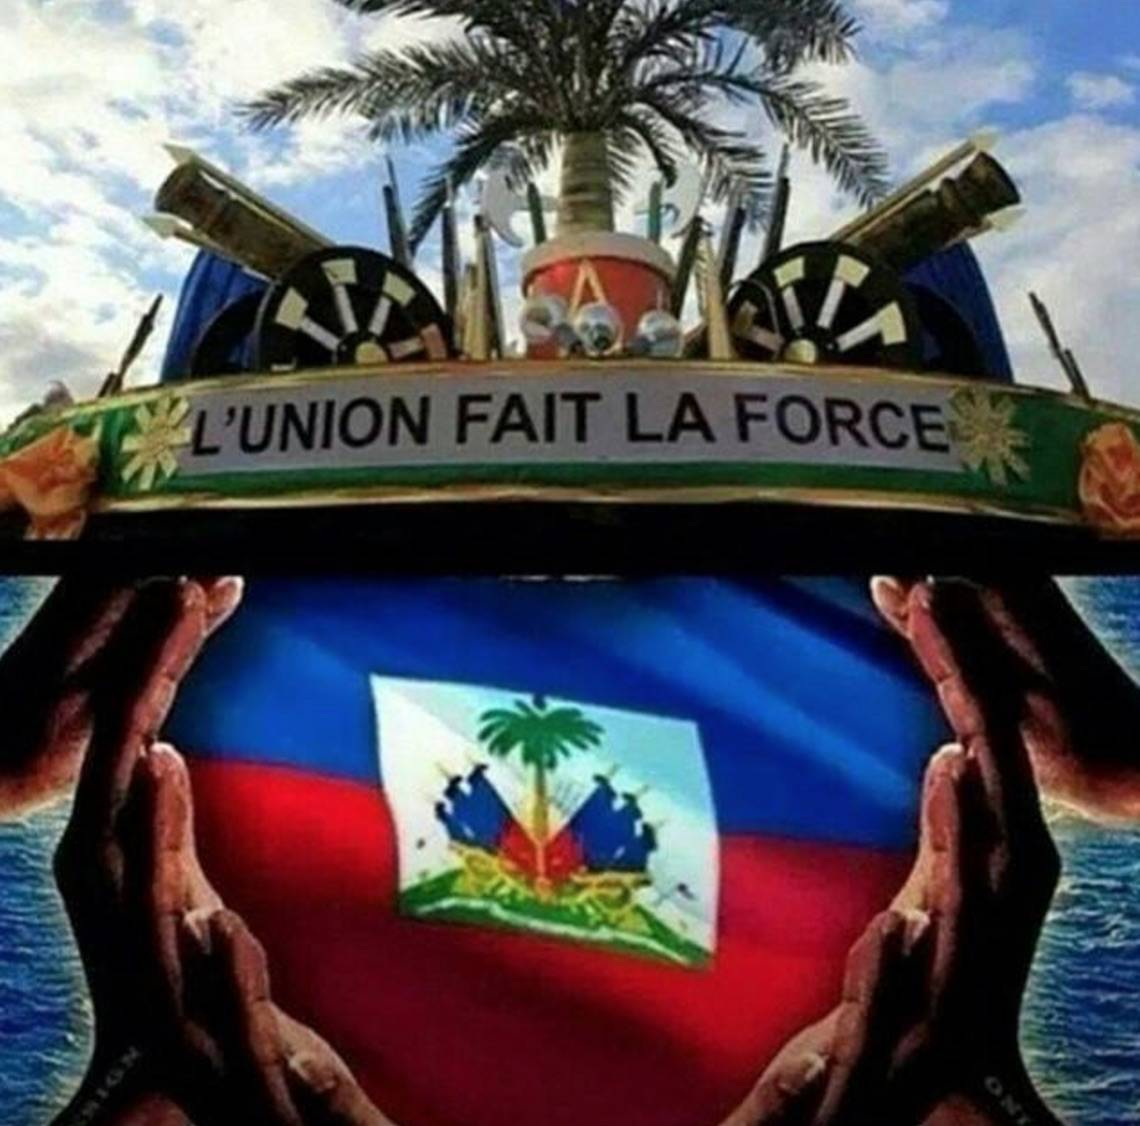 024863a149c481366b36_9fd744c6b2c48cf63016_haitian_day_2017_8.jpg